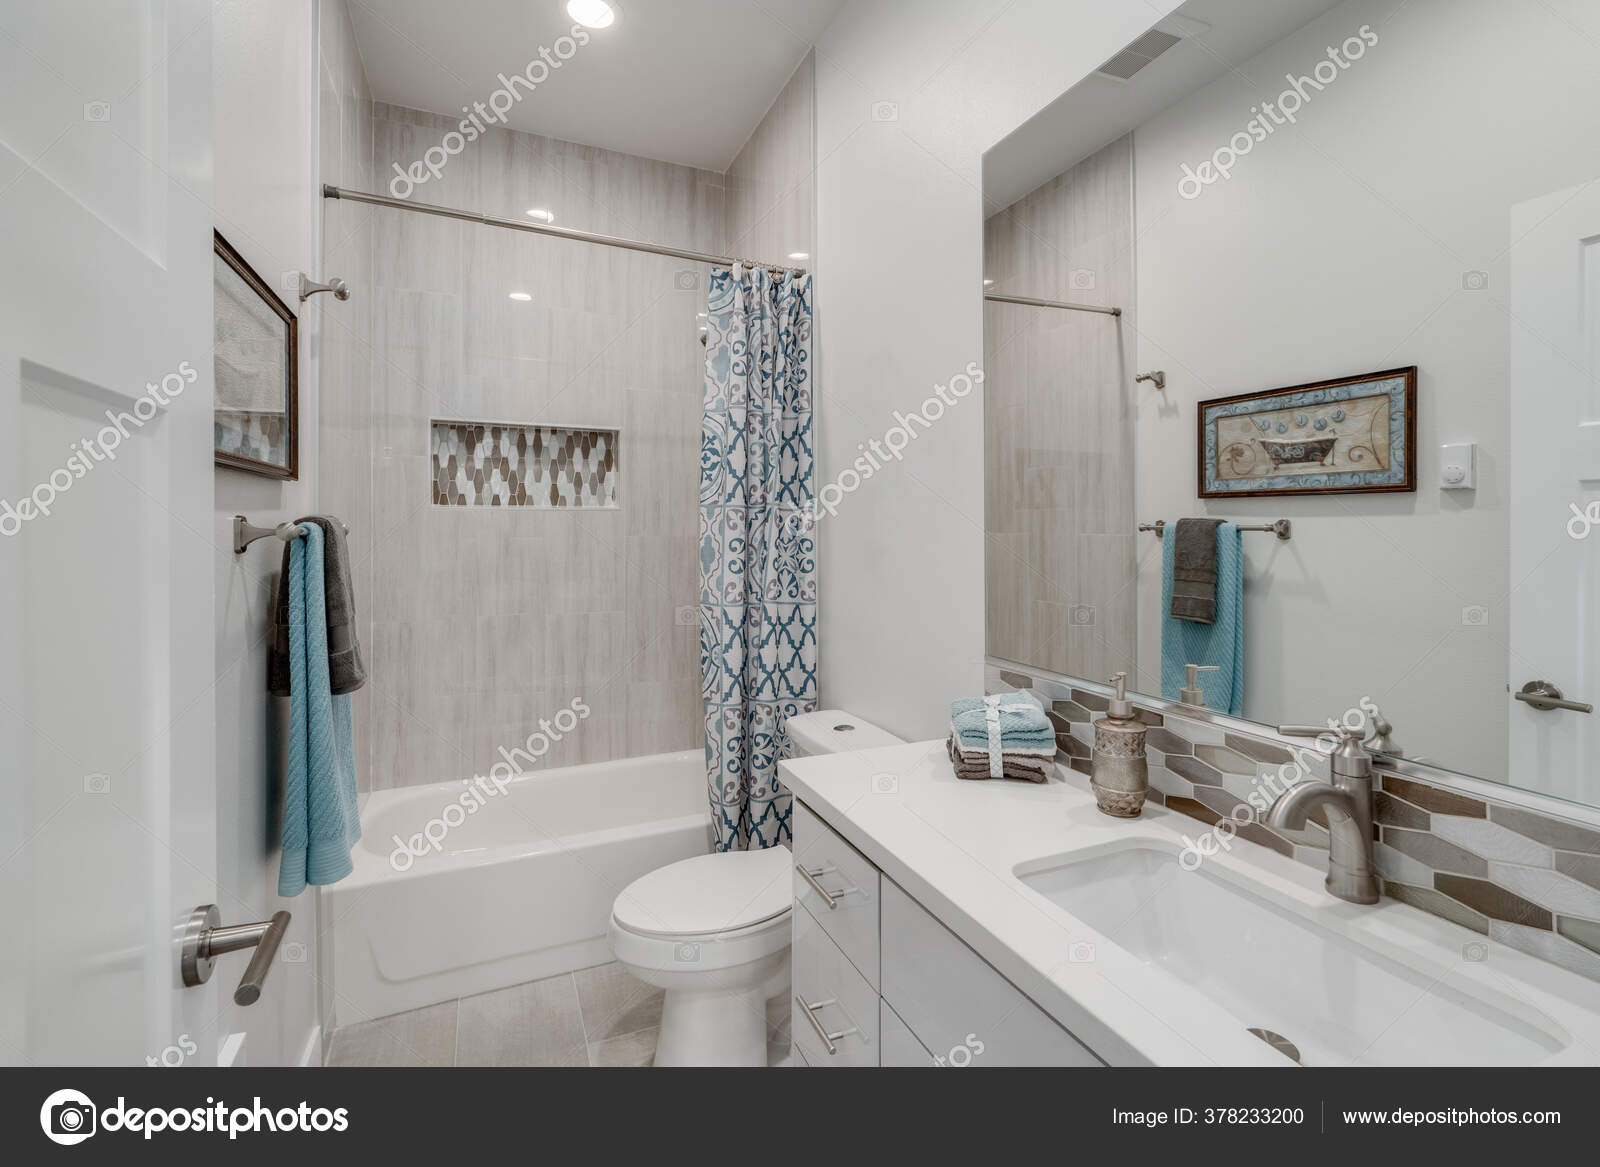 Banheiro Branco Com Backsplash Vaidade Emparelhado Com Nicho Azulejos Chuveiro Stock Photo C Alabn 378233200